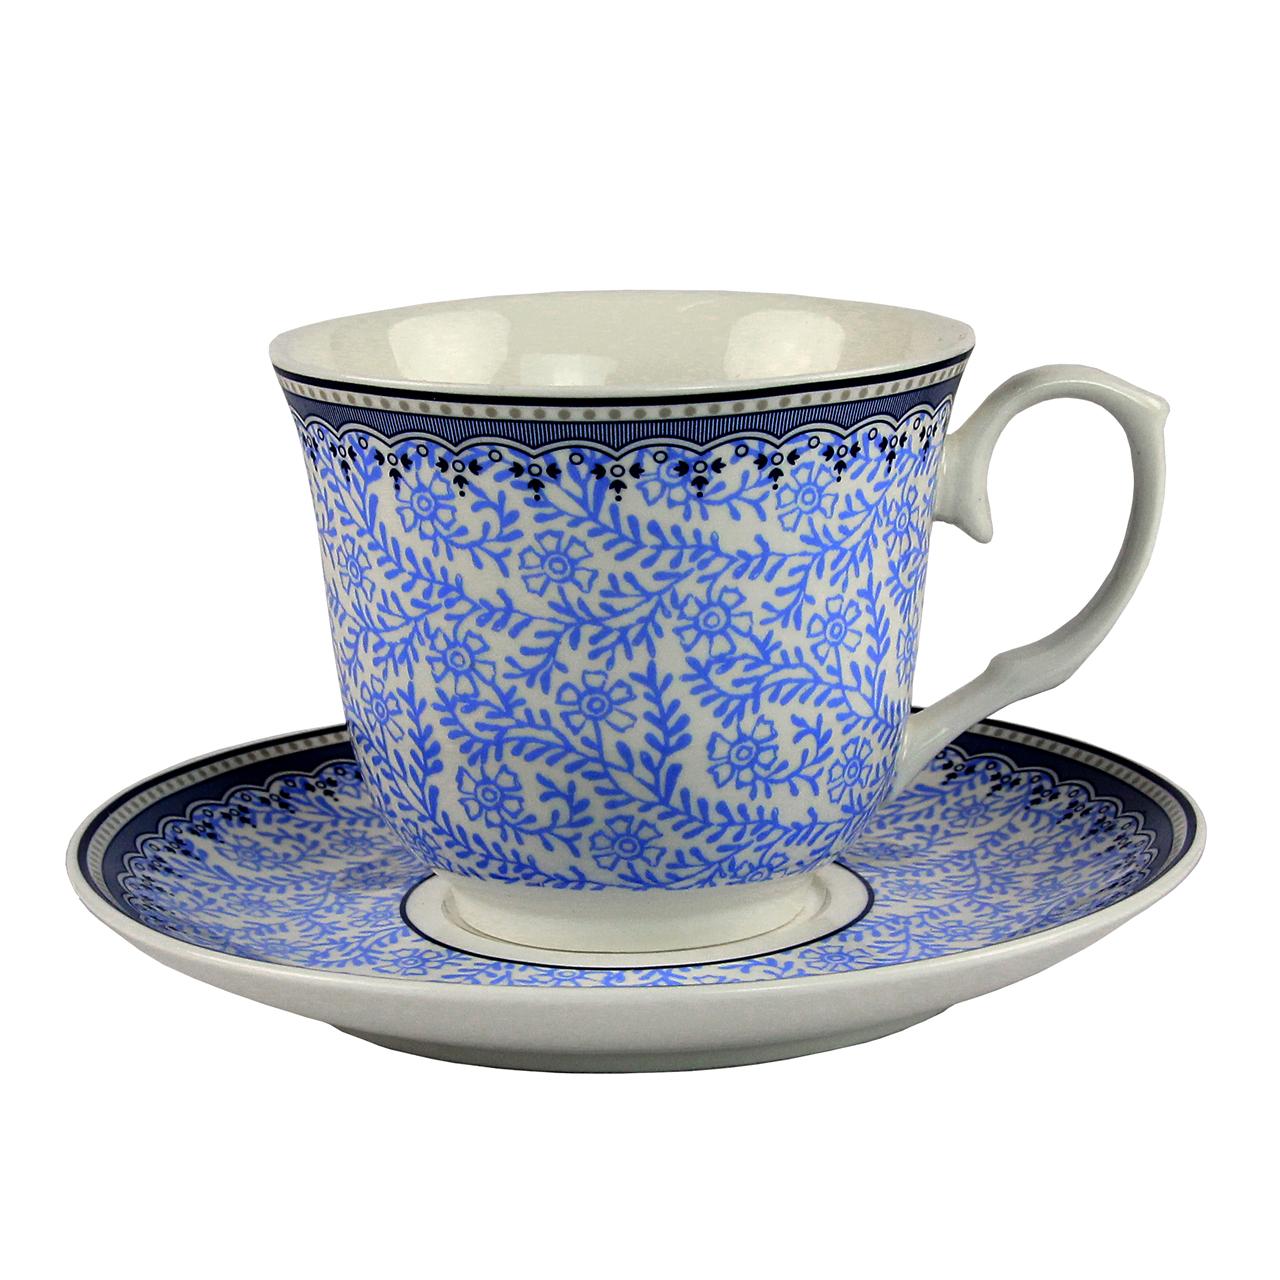 Ceasca Cu Farfurie Din Ceramica Alba Cu Albastru